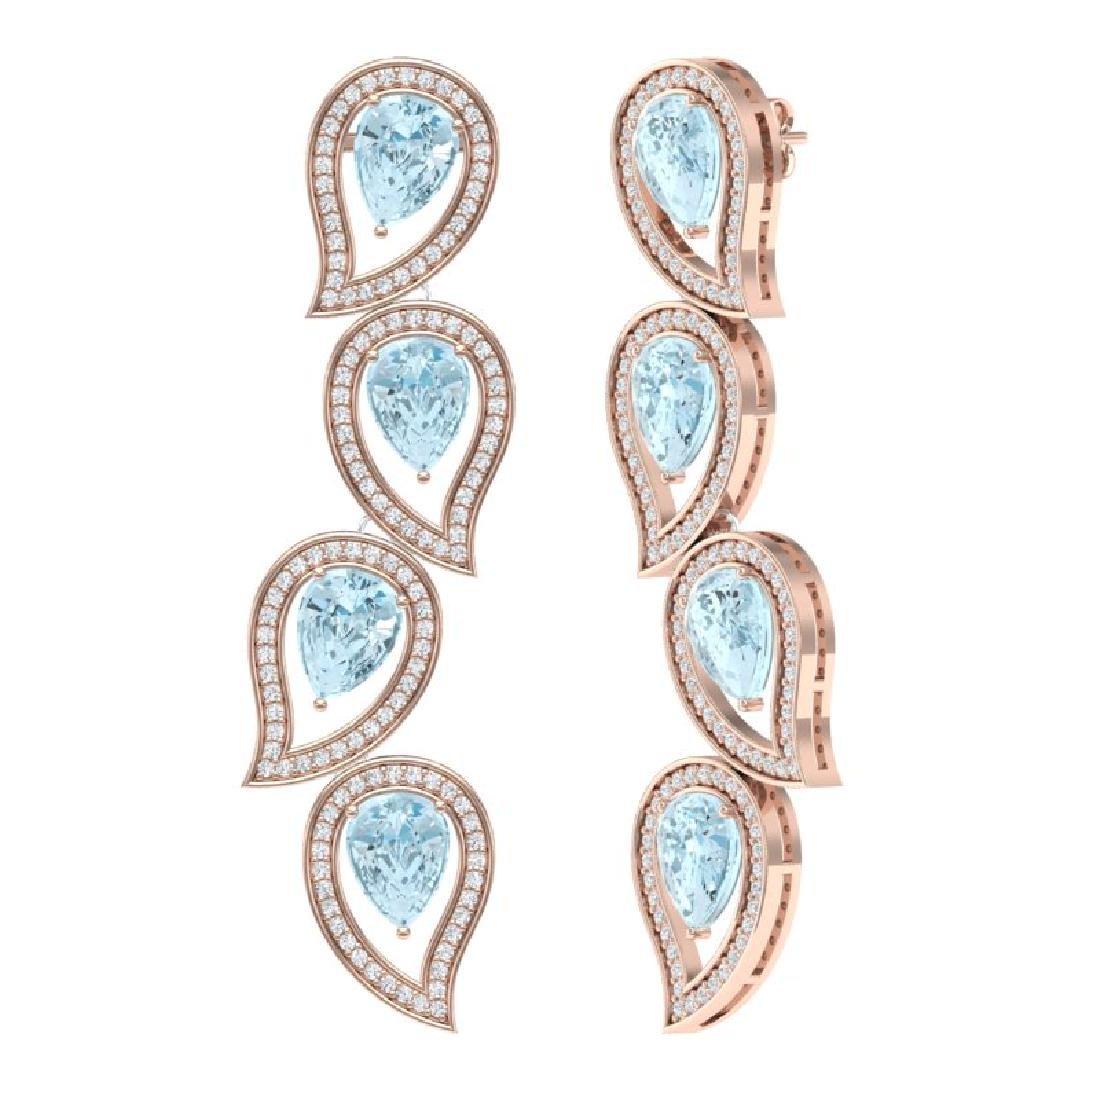 15.69 CTW Royalty Sky Topaz & VS Diamond Earrings 18K - 3